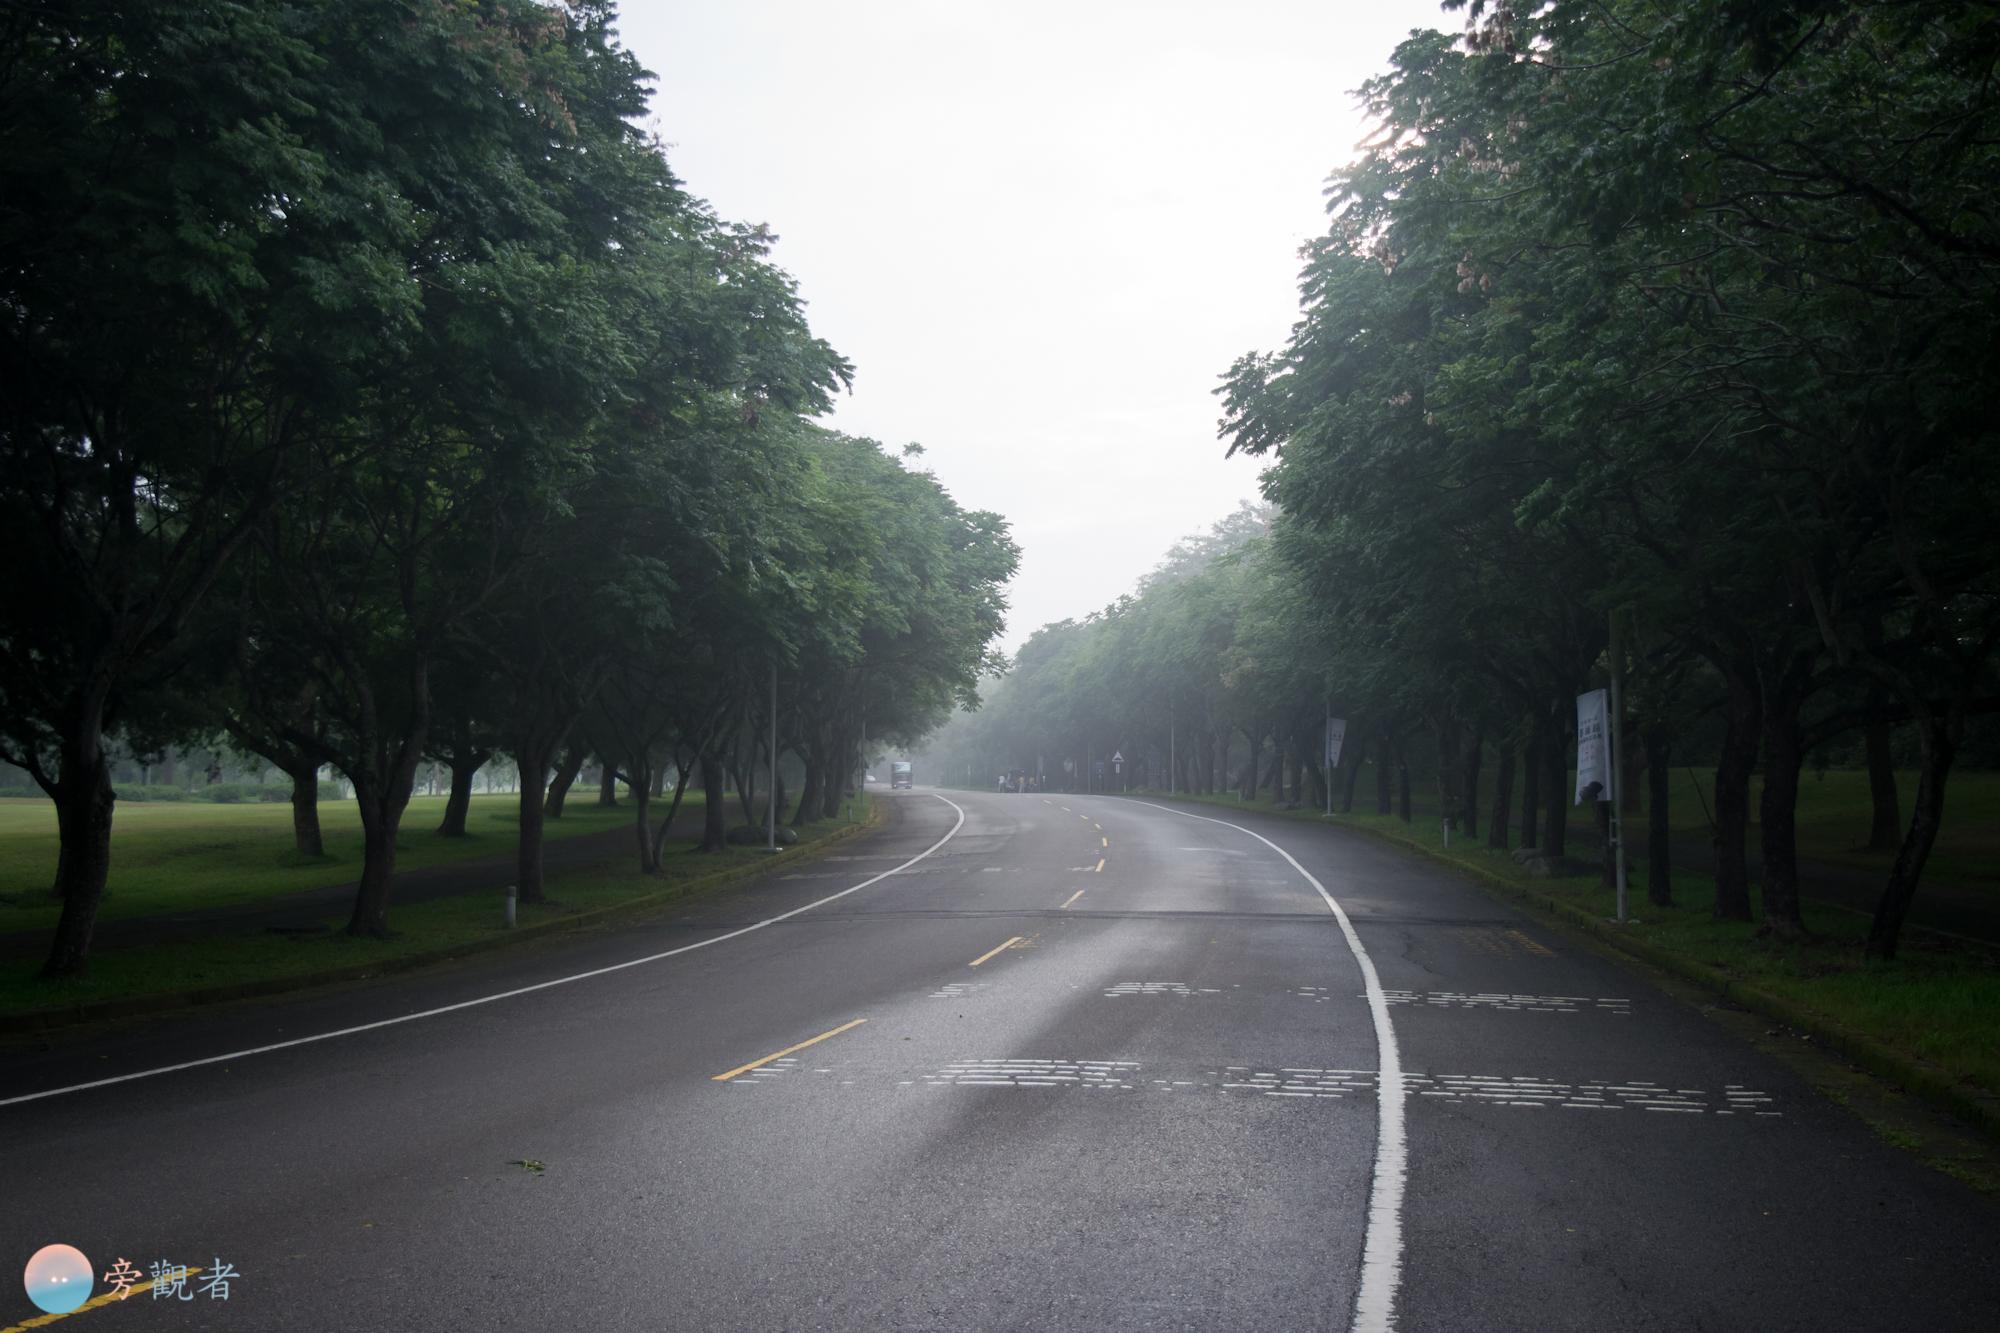 暨南大學校園道路。南投埔里南村